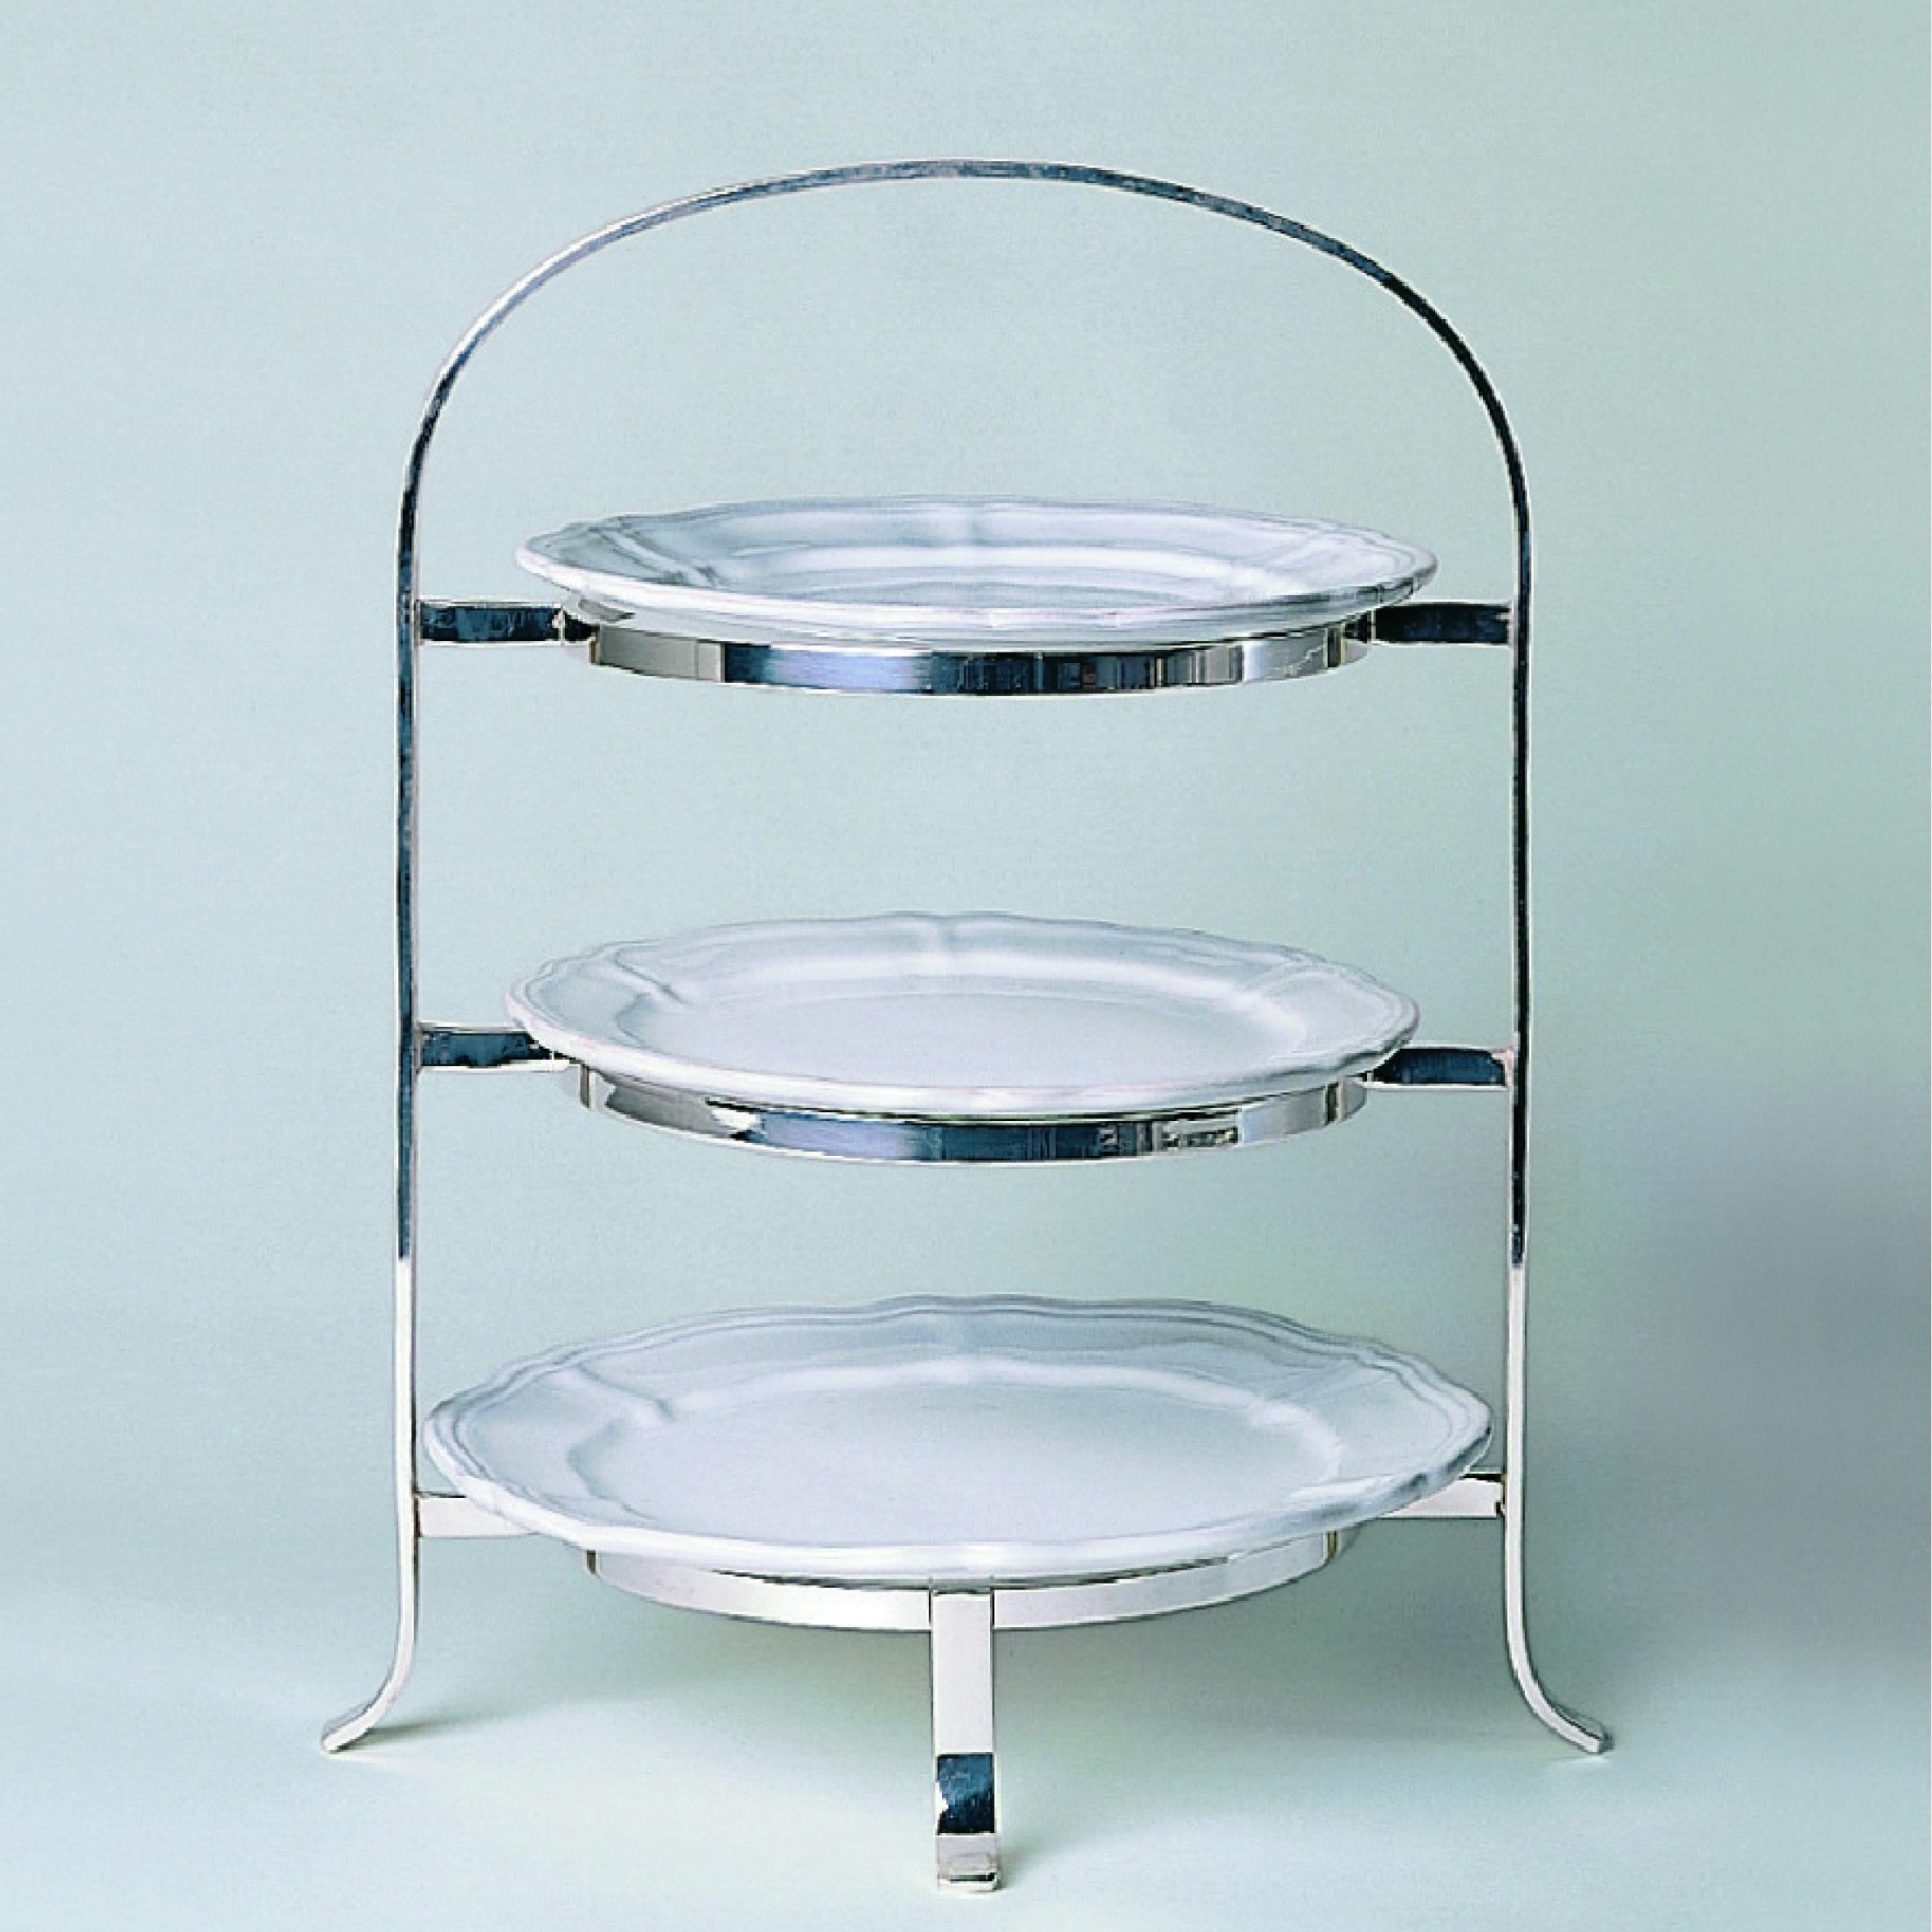 lambert servicio tellerst nder lambert querpass shop. Black Bedroom Furniture Sets. Home Design Ideas